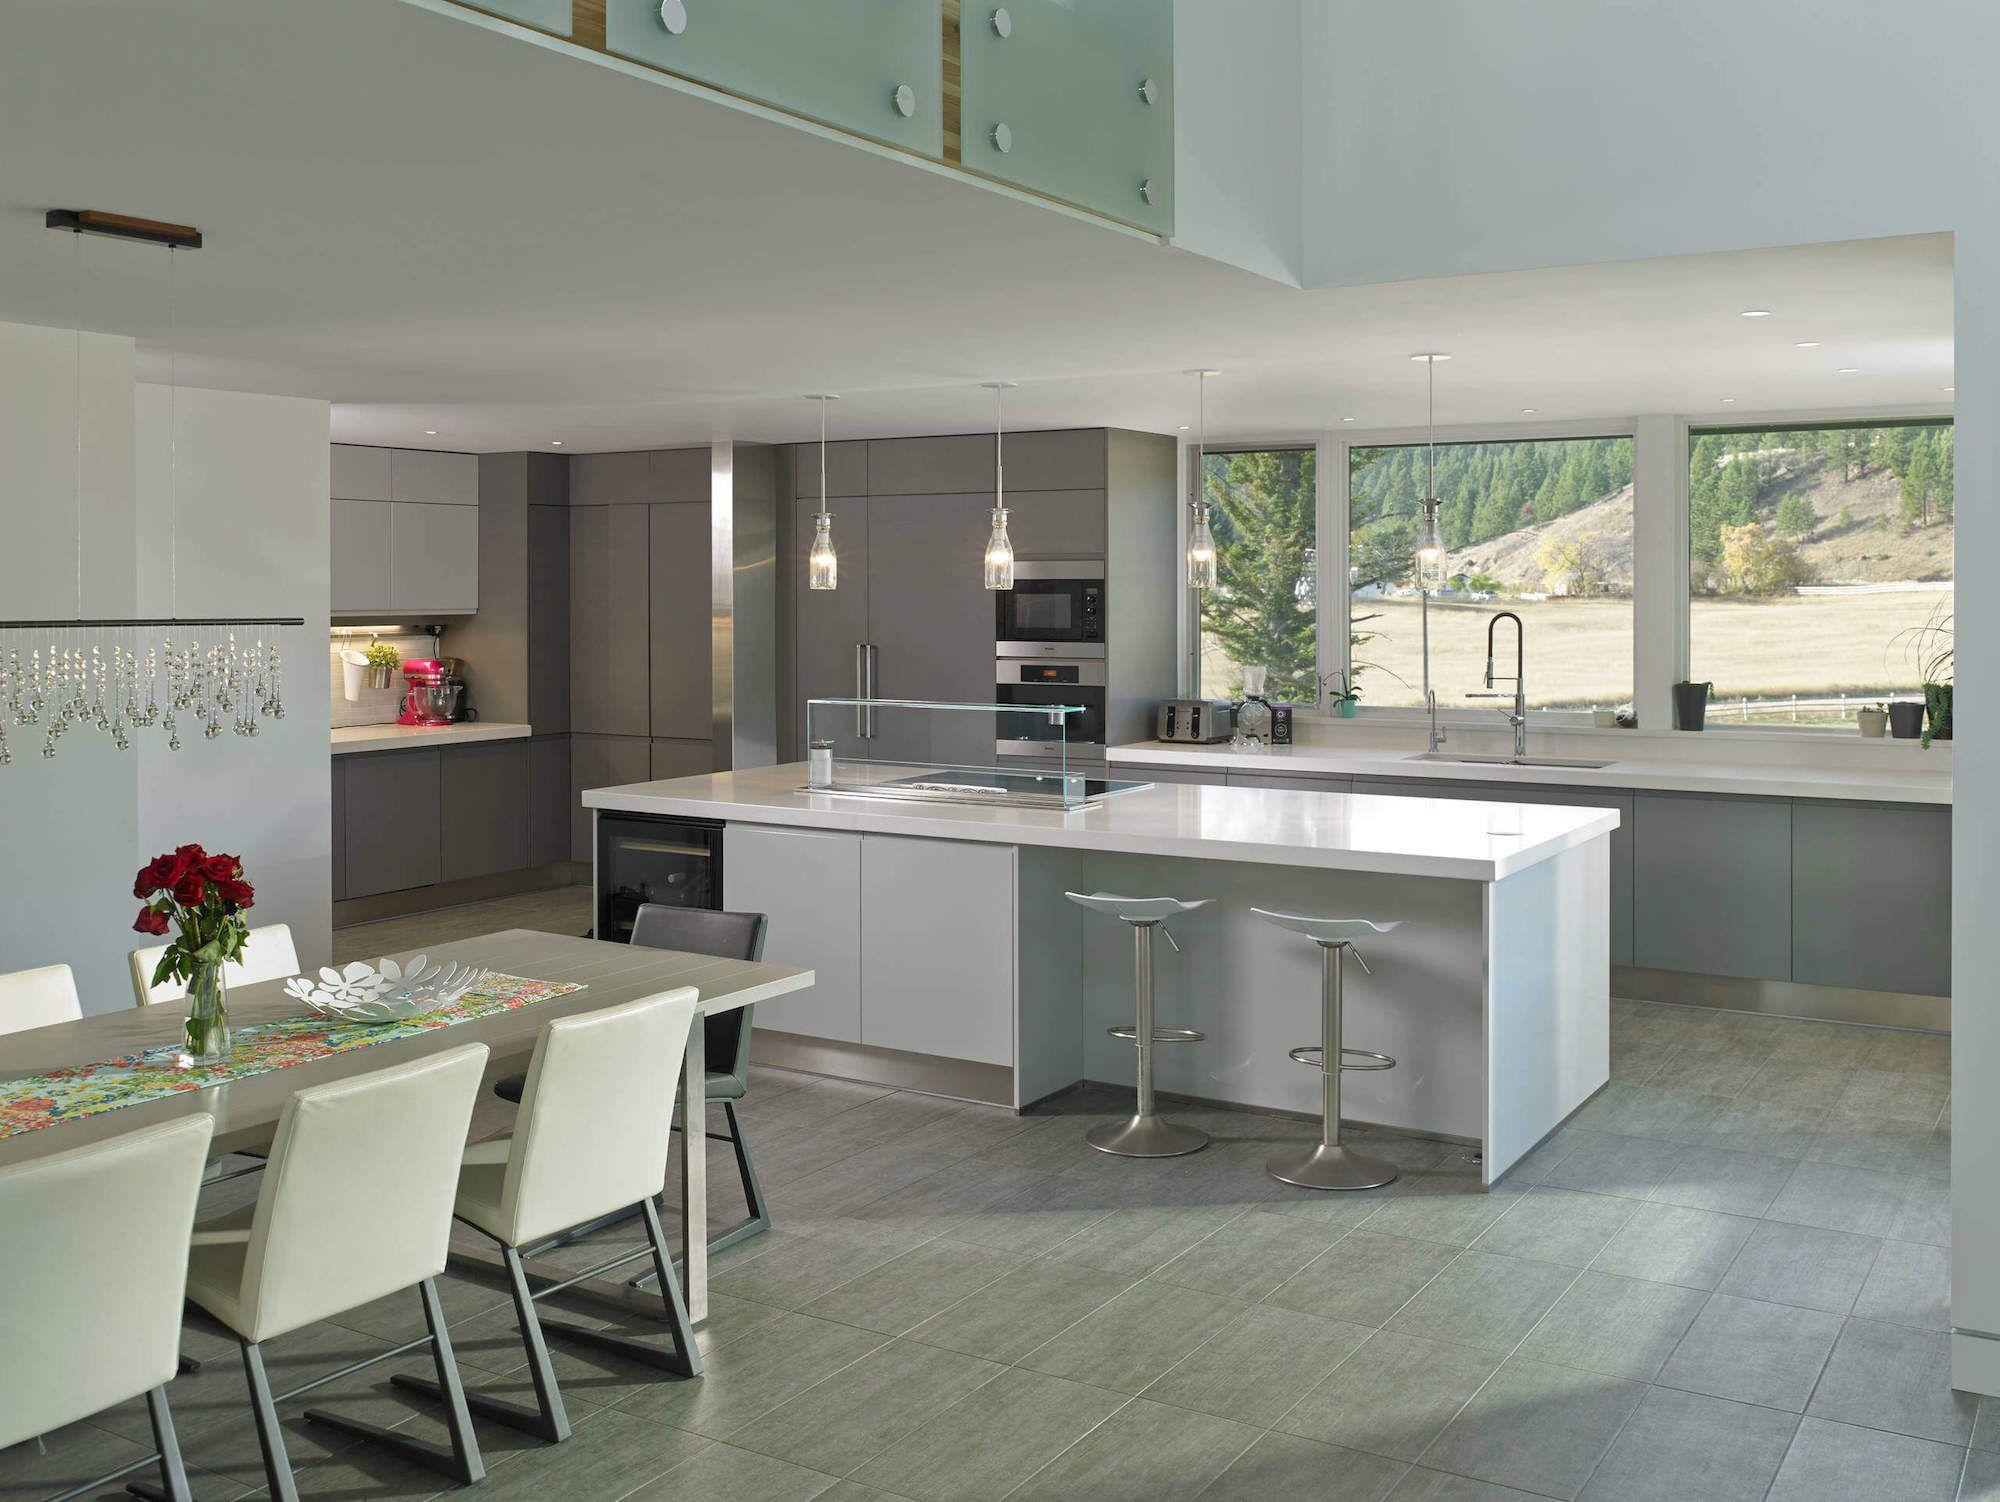 lindal-home-turkel-design-09